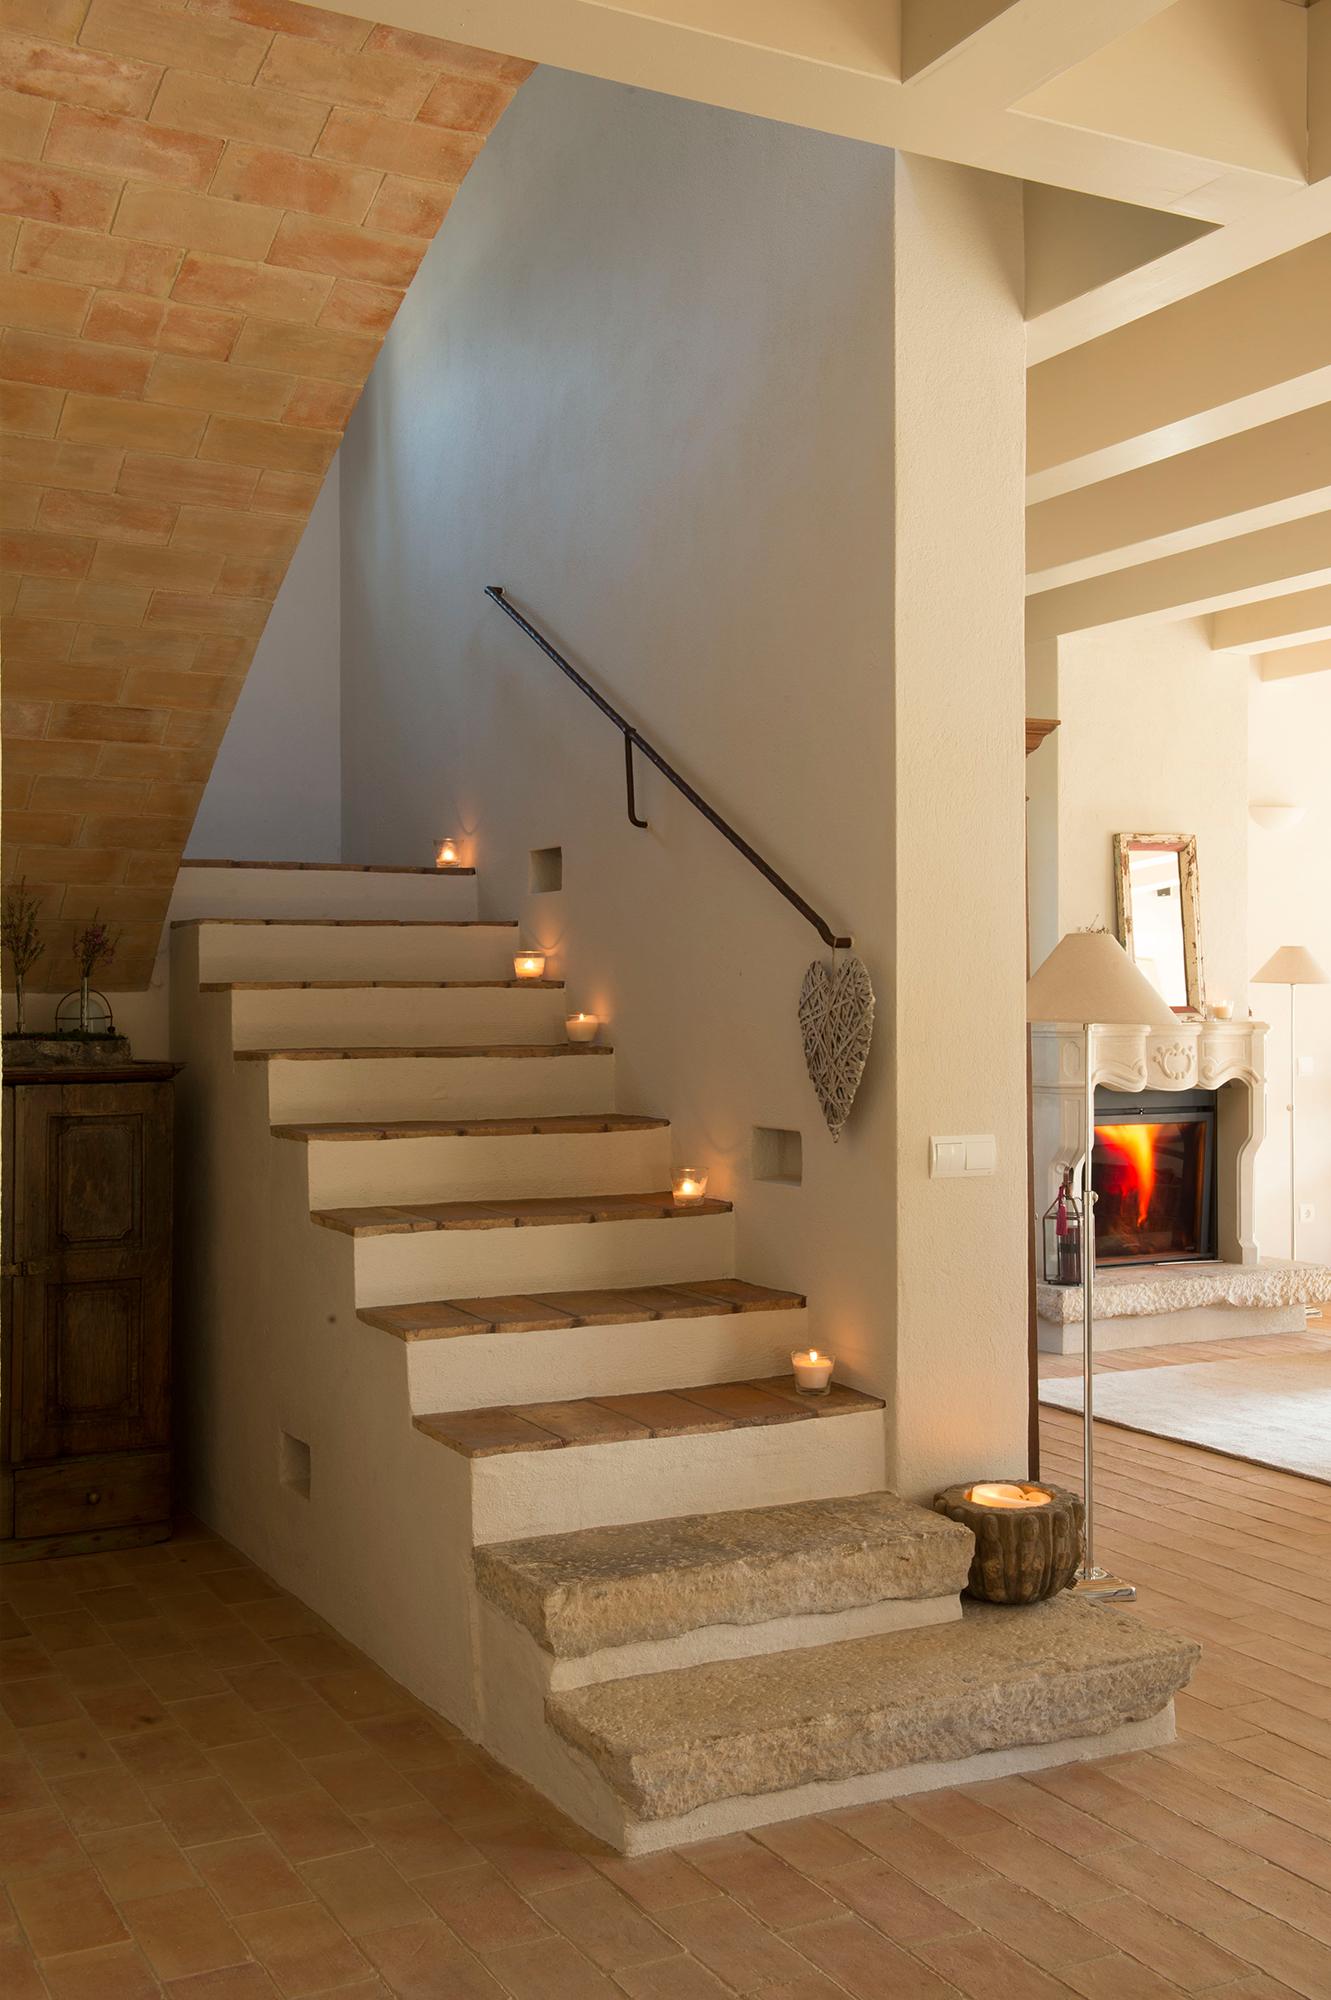 Escaleras Cómo Planificarlas Con Acierto